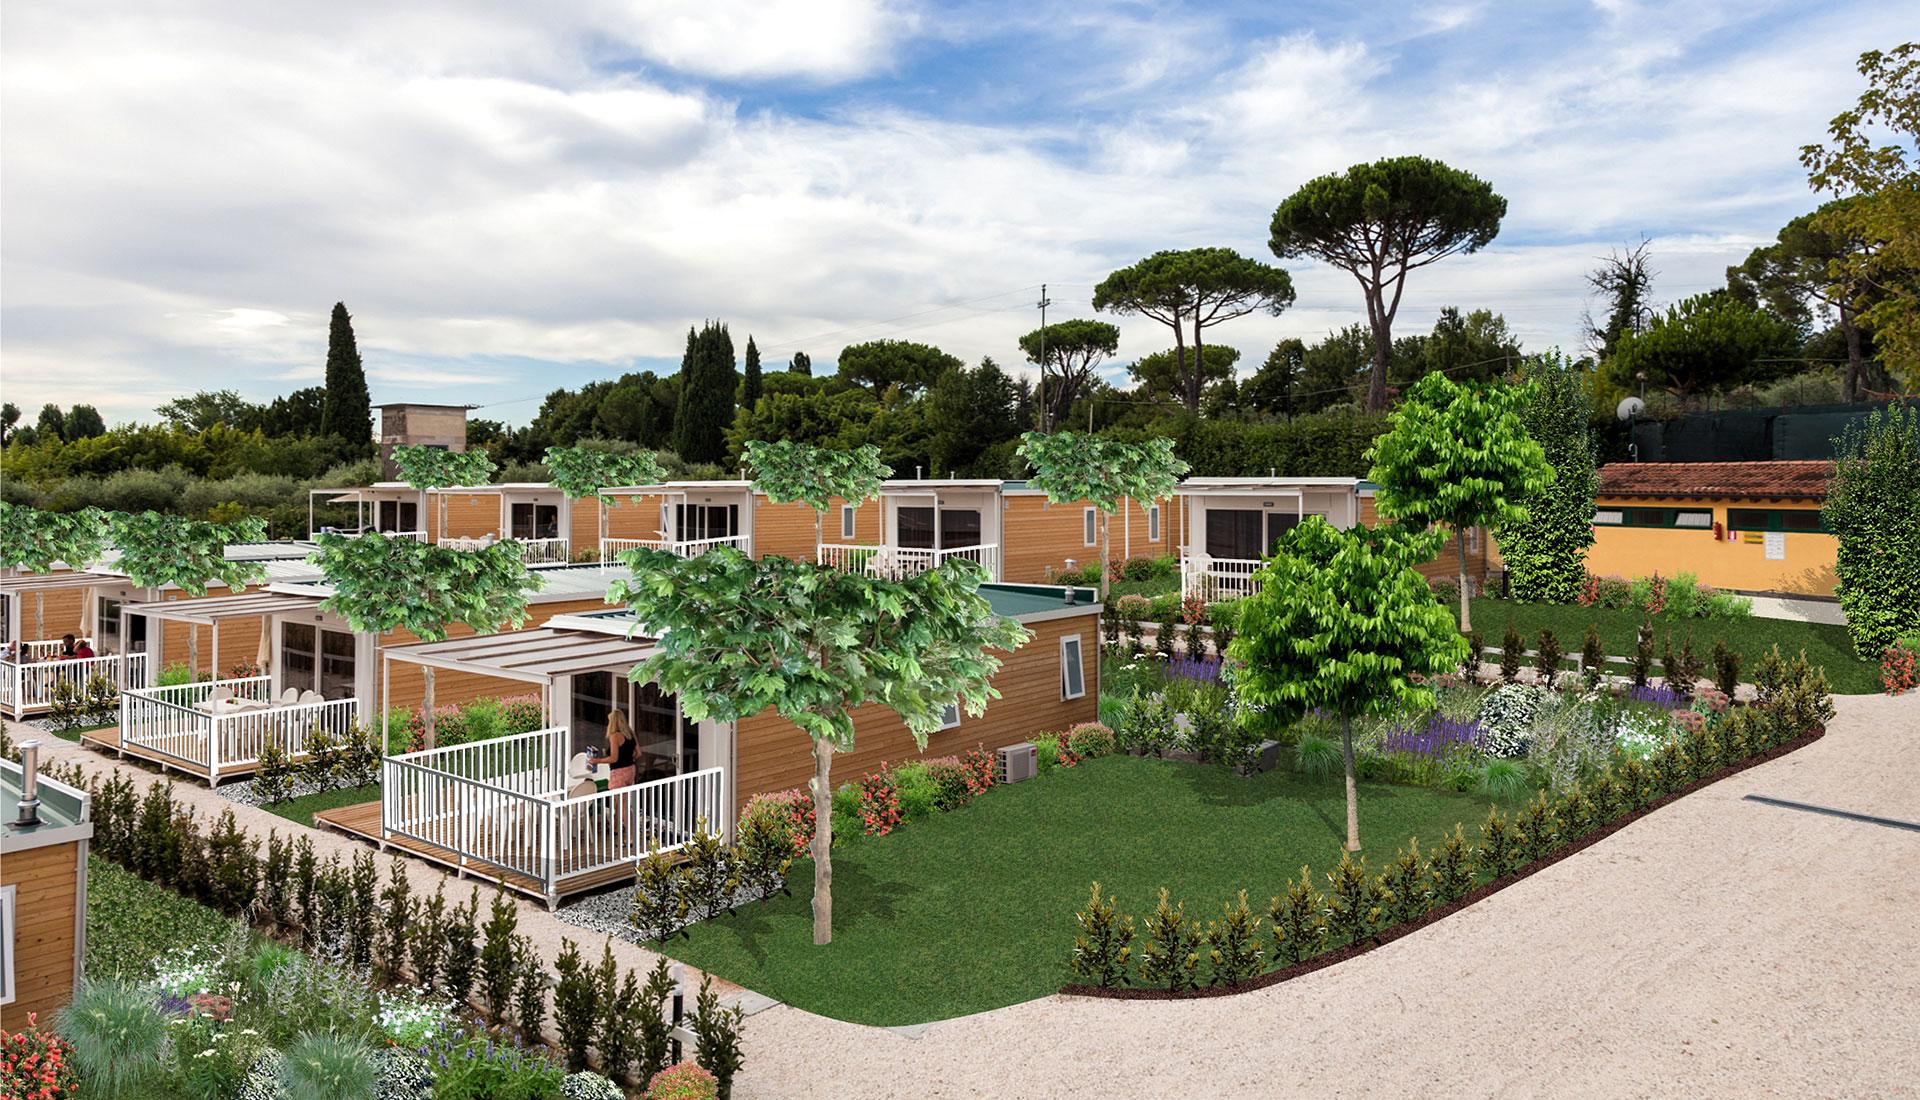 Progettare Un Giardino In Campagna progettazione giardini - le forbici - progettazione